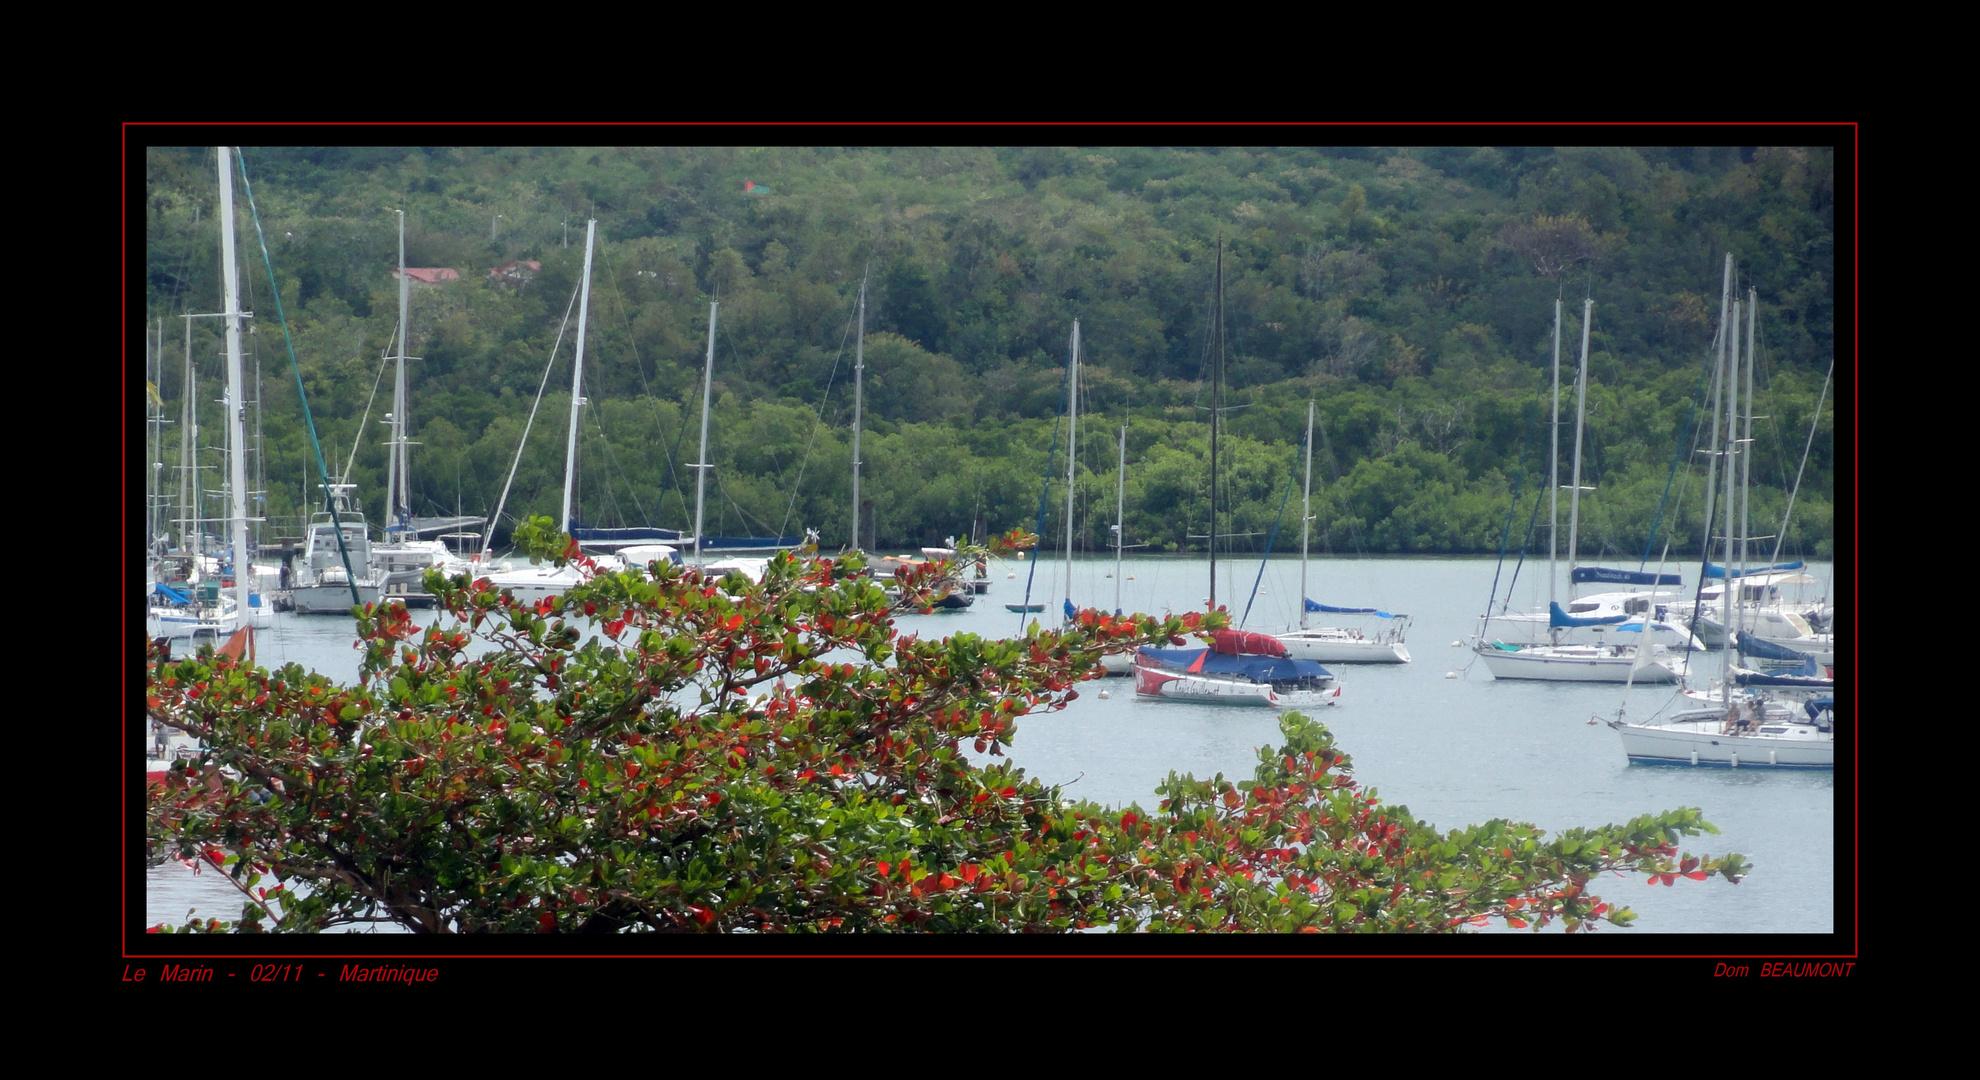 Le Marin - Février 2011 - Martinique